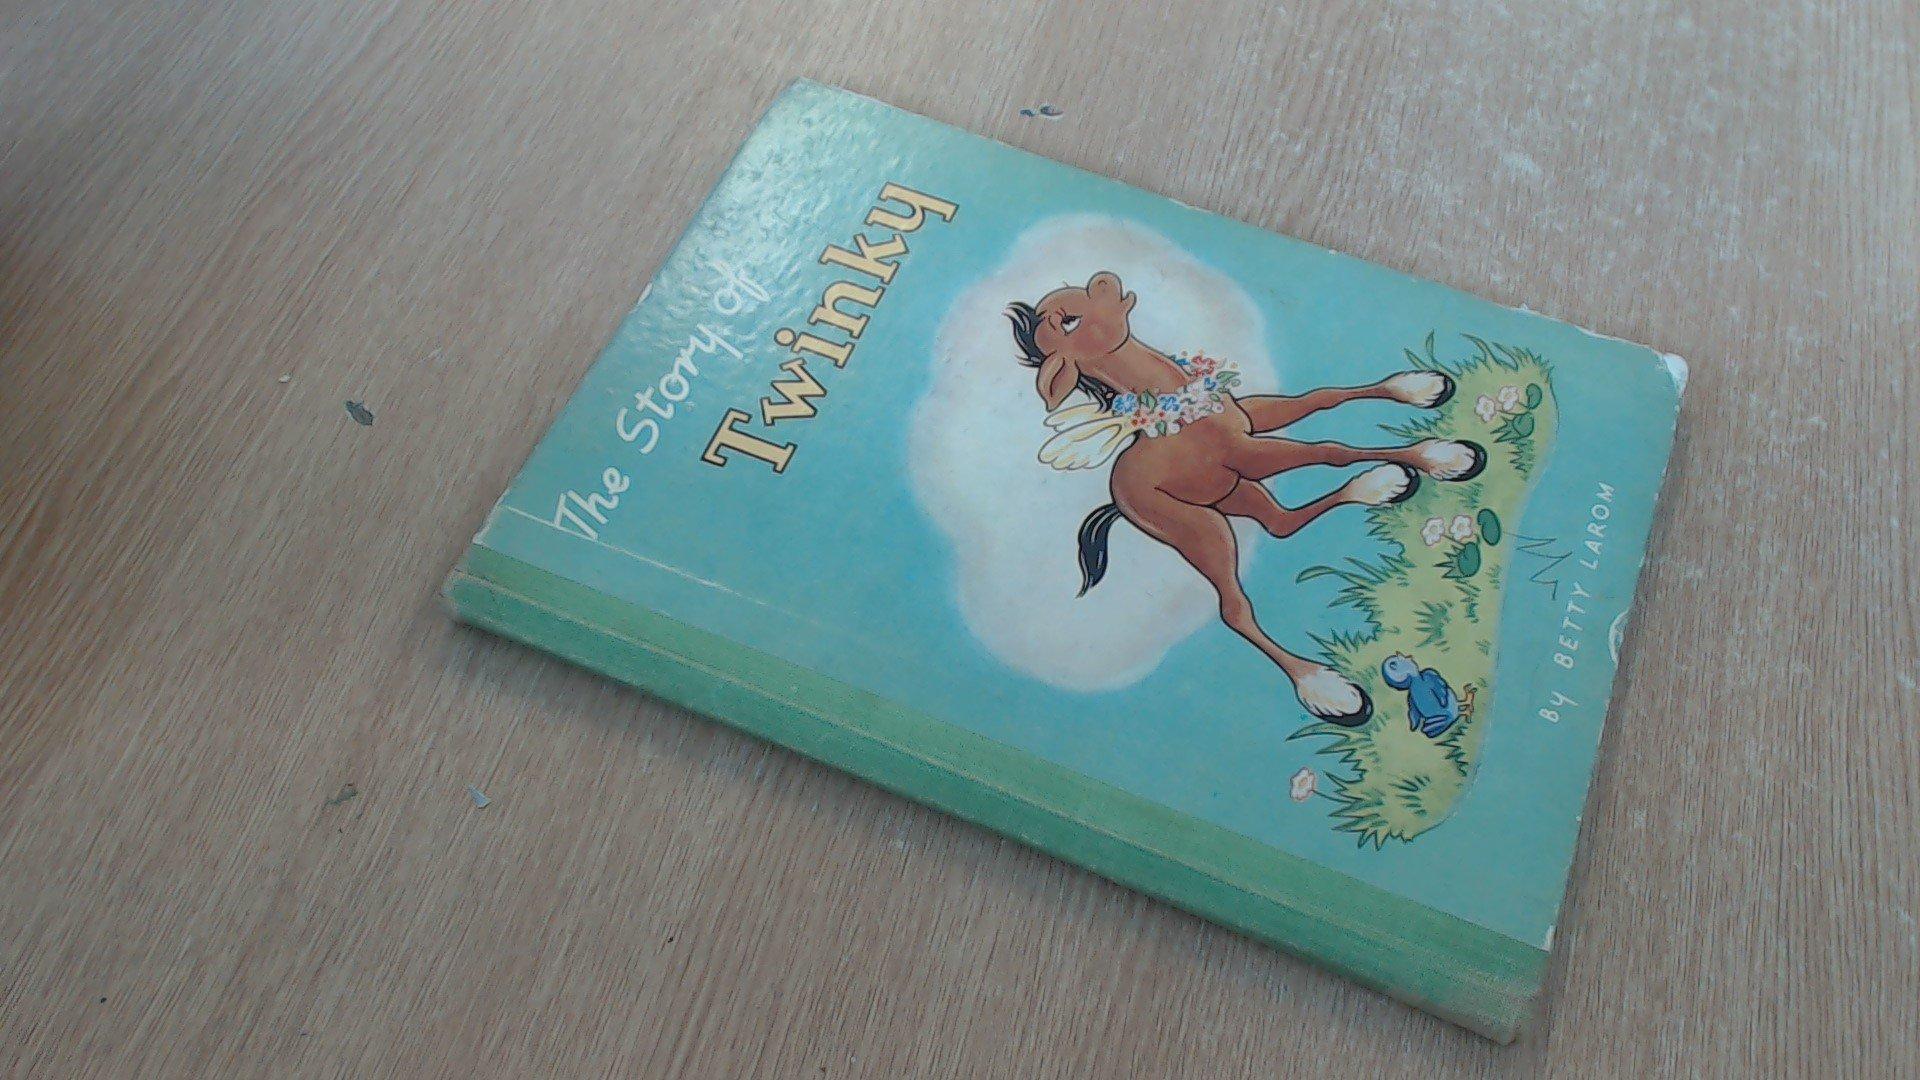 The Story of Twinky Betty Larom Amazoncom Books 1920x1080